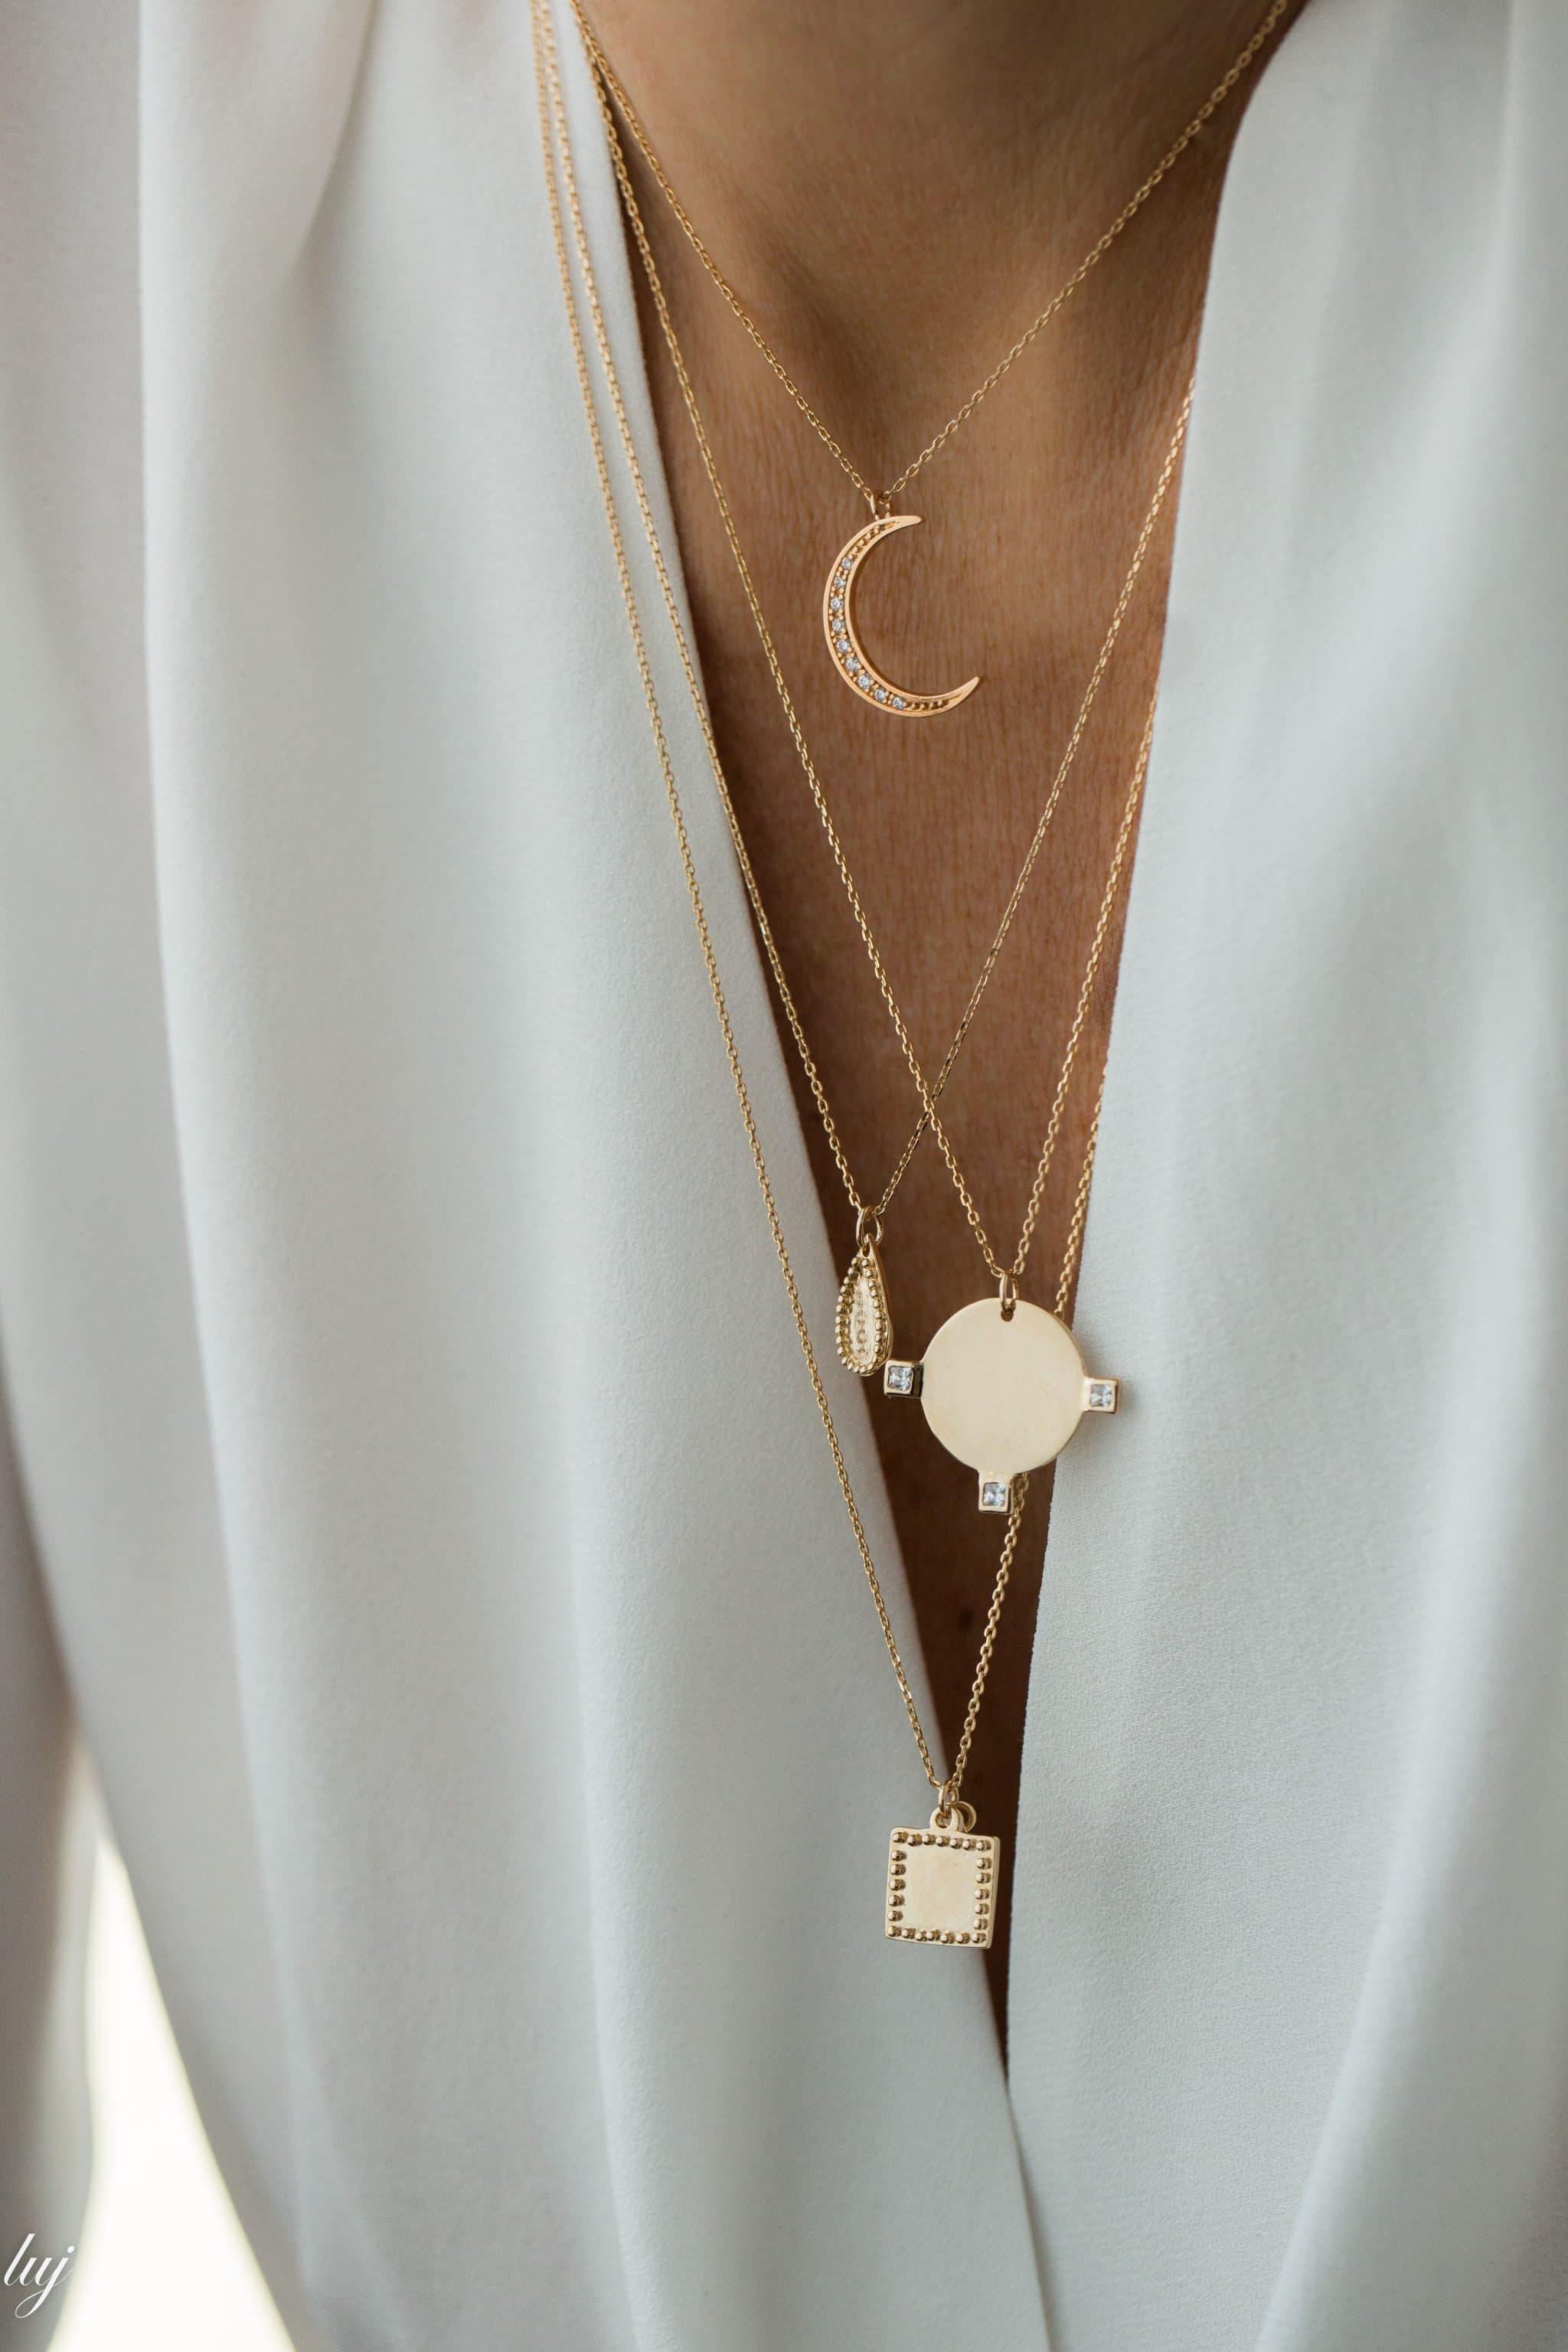 Claire necklace 4